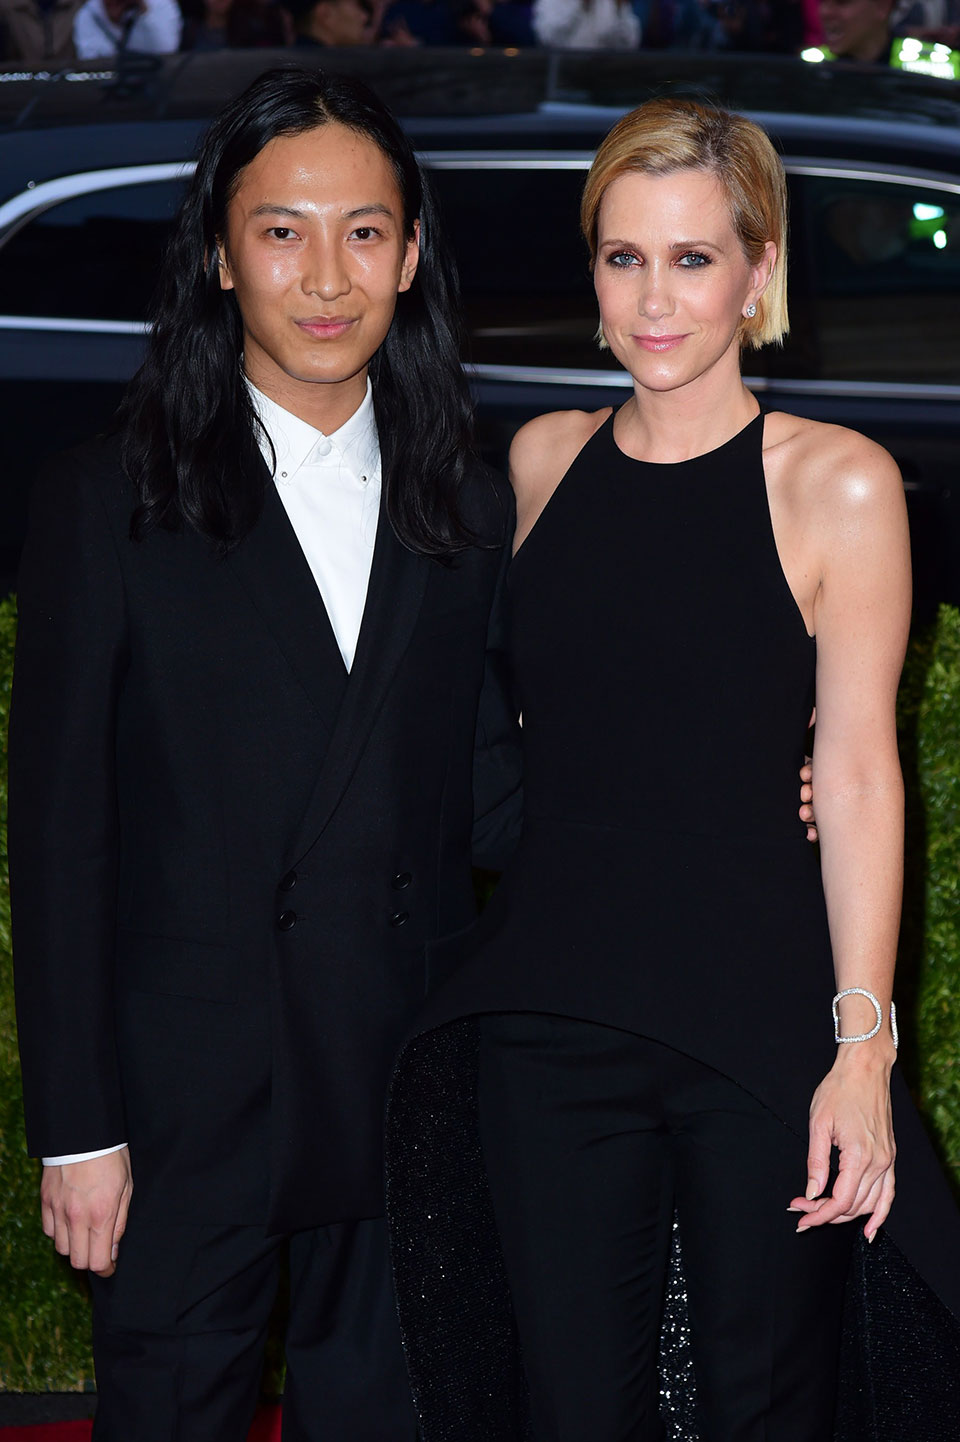 Alexander Wang Kristen Wiig